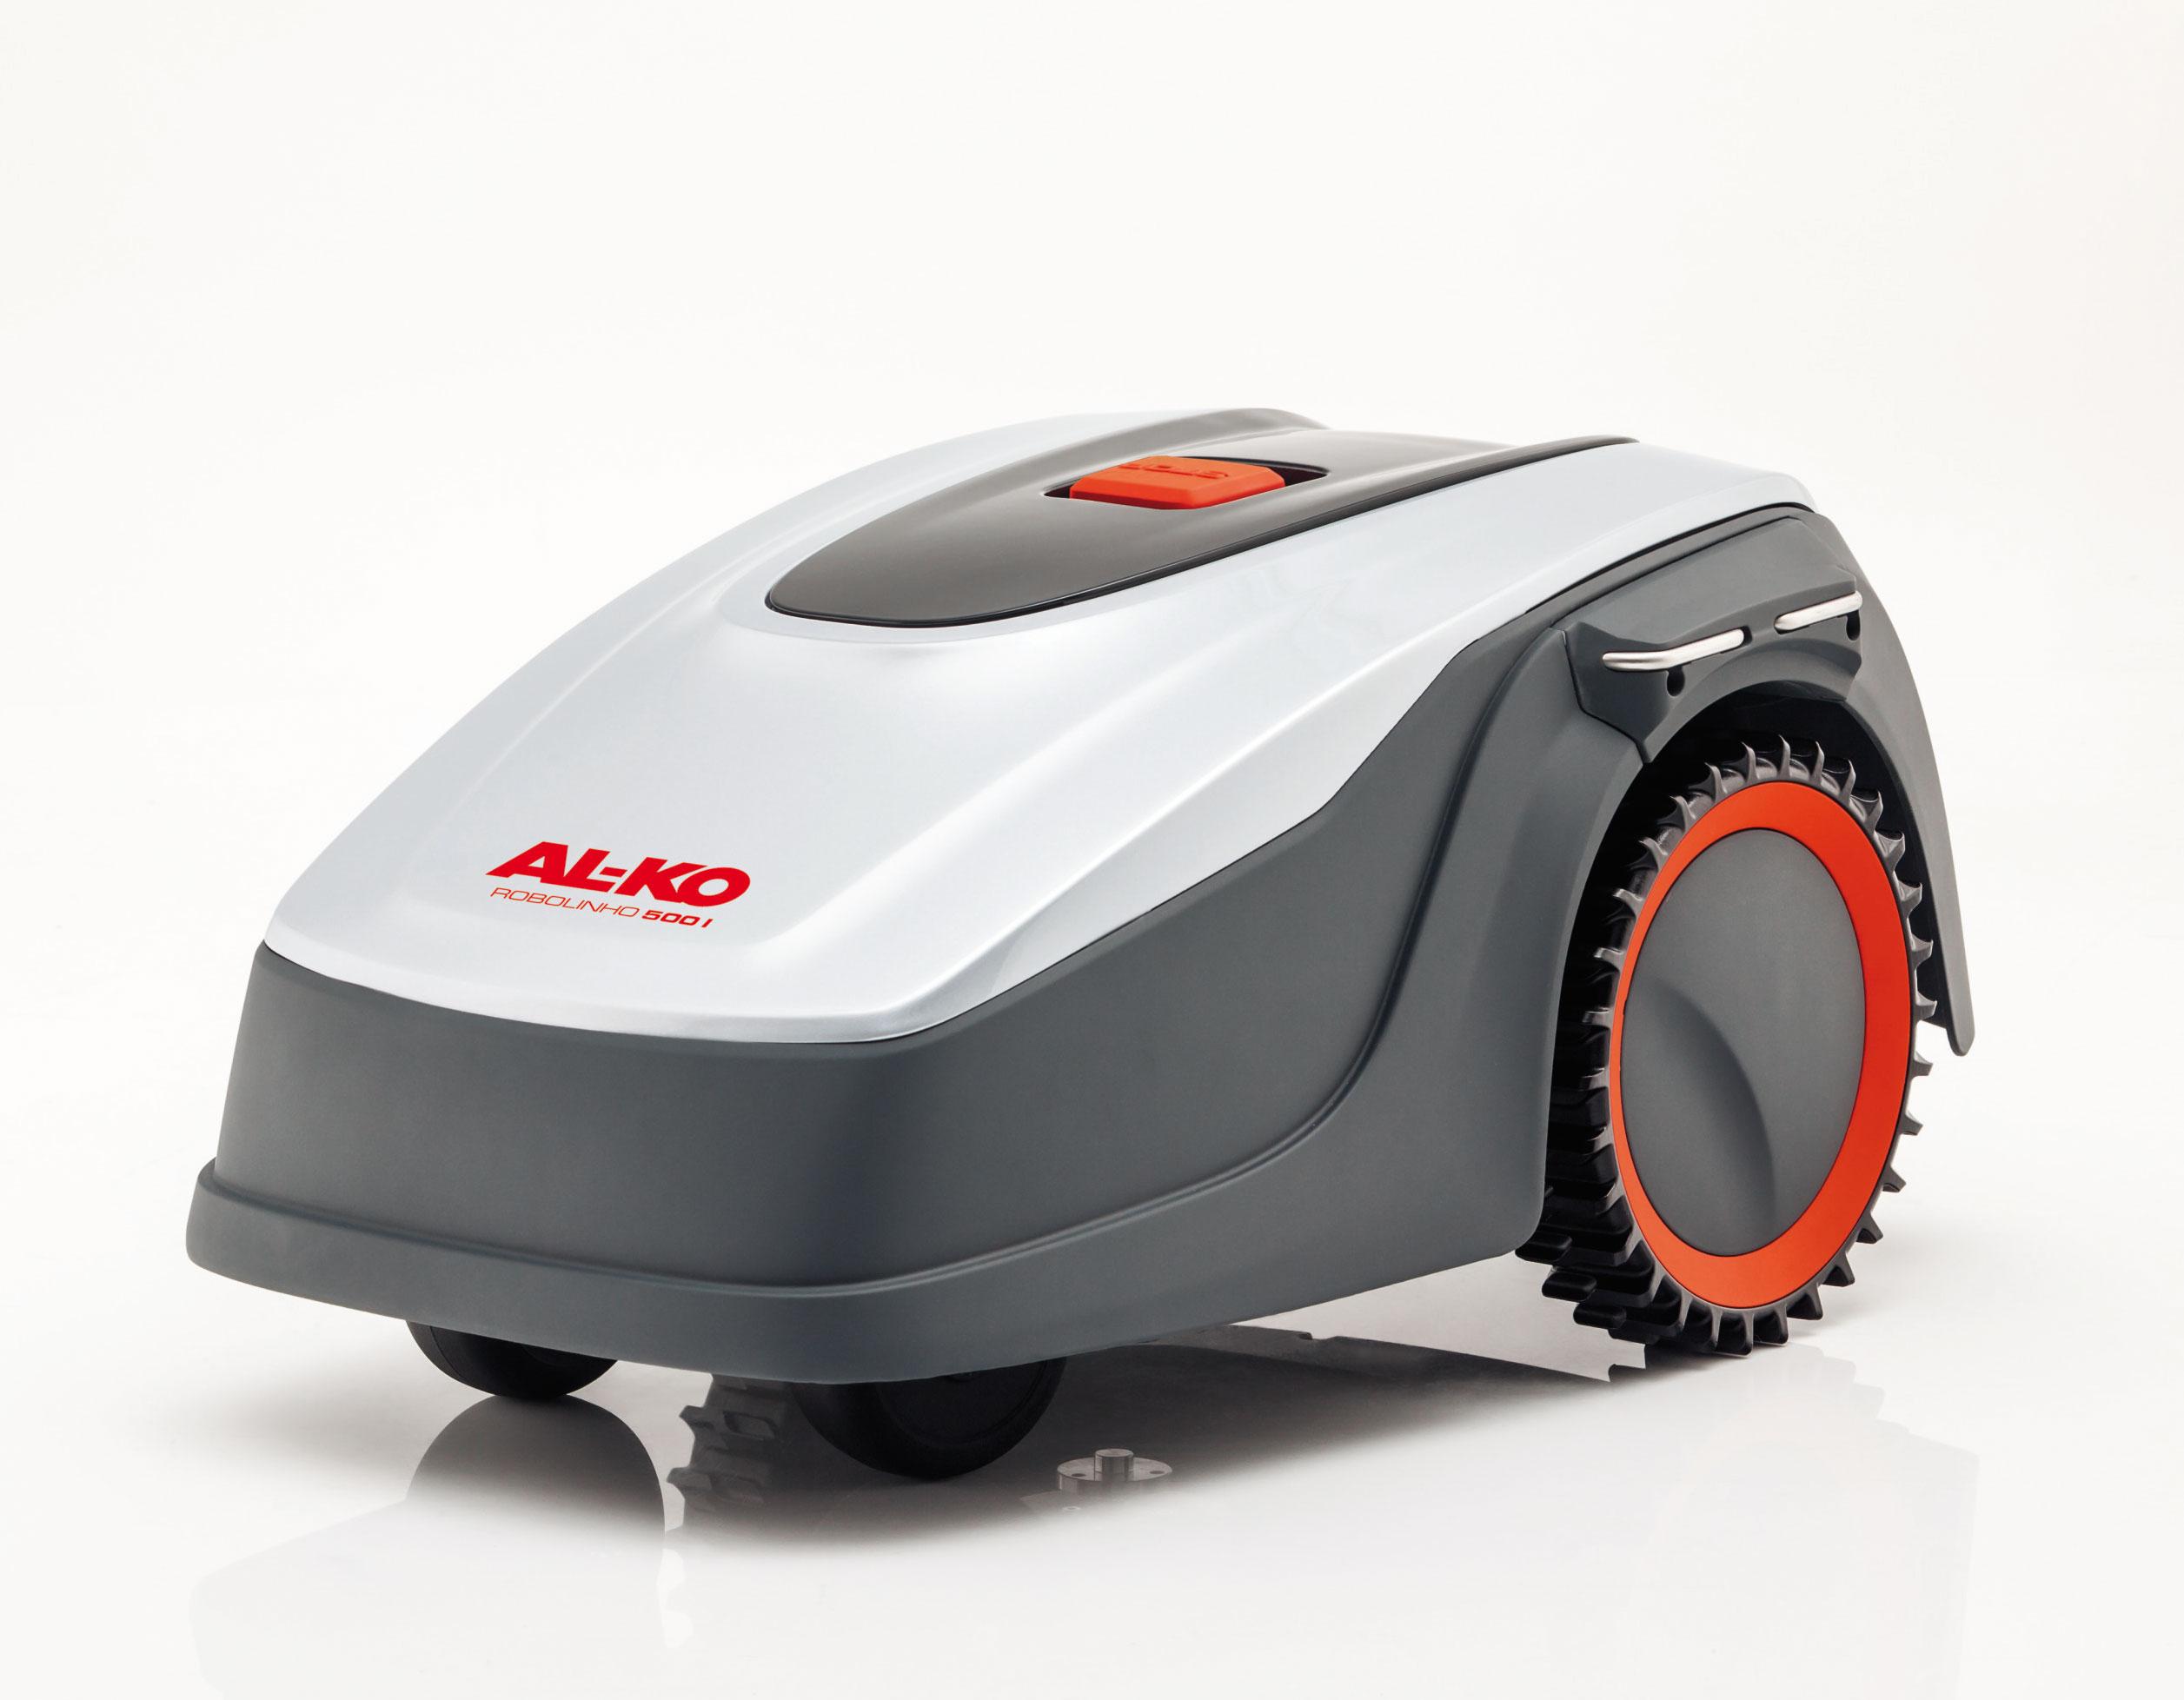 AL-KO Mähroboter Robolinho I 500 Smart 20 V / 2,25 Ah für 500m² Bild 1